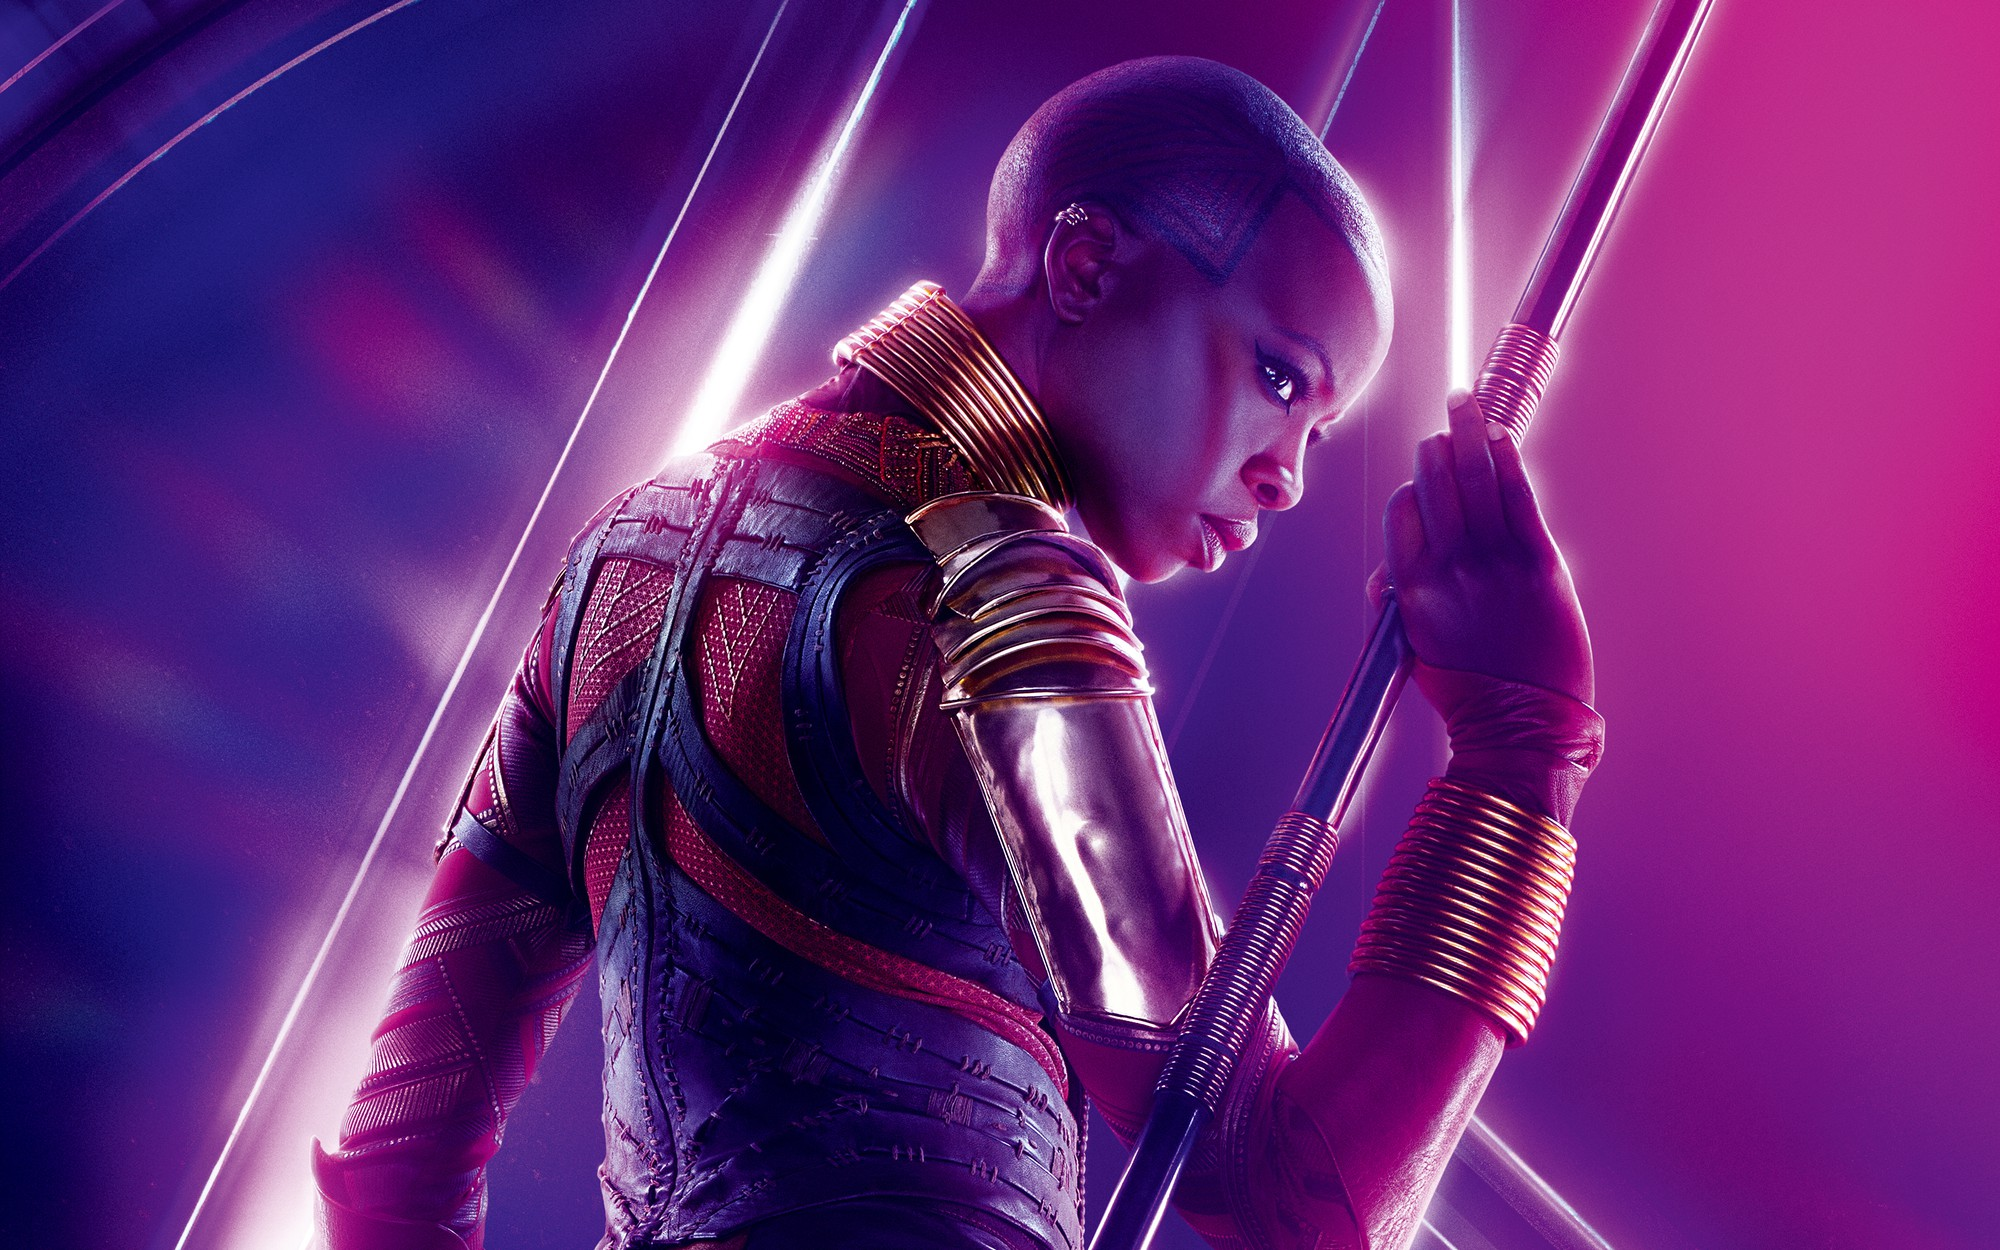 Infinity War khiến fan khoái chí vì biểu cảm mean vô cực của chị đẹp Okoye! - Ảnh 7.